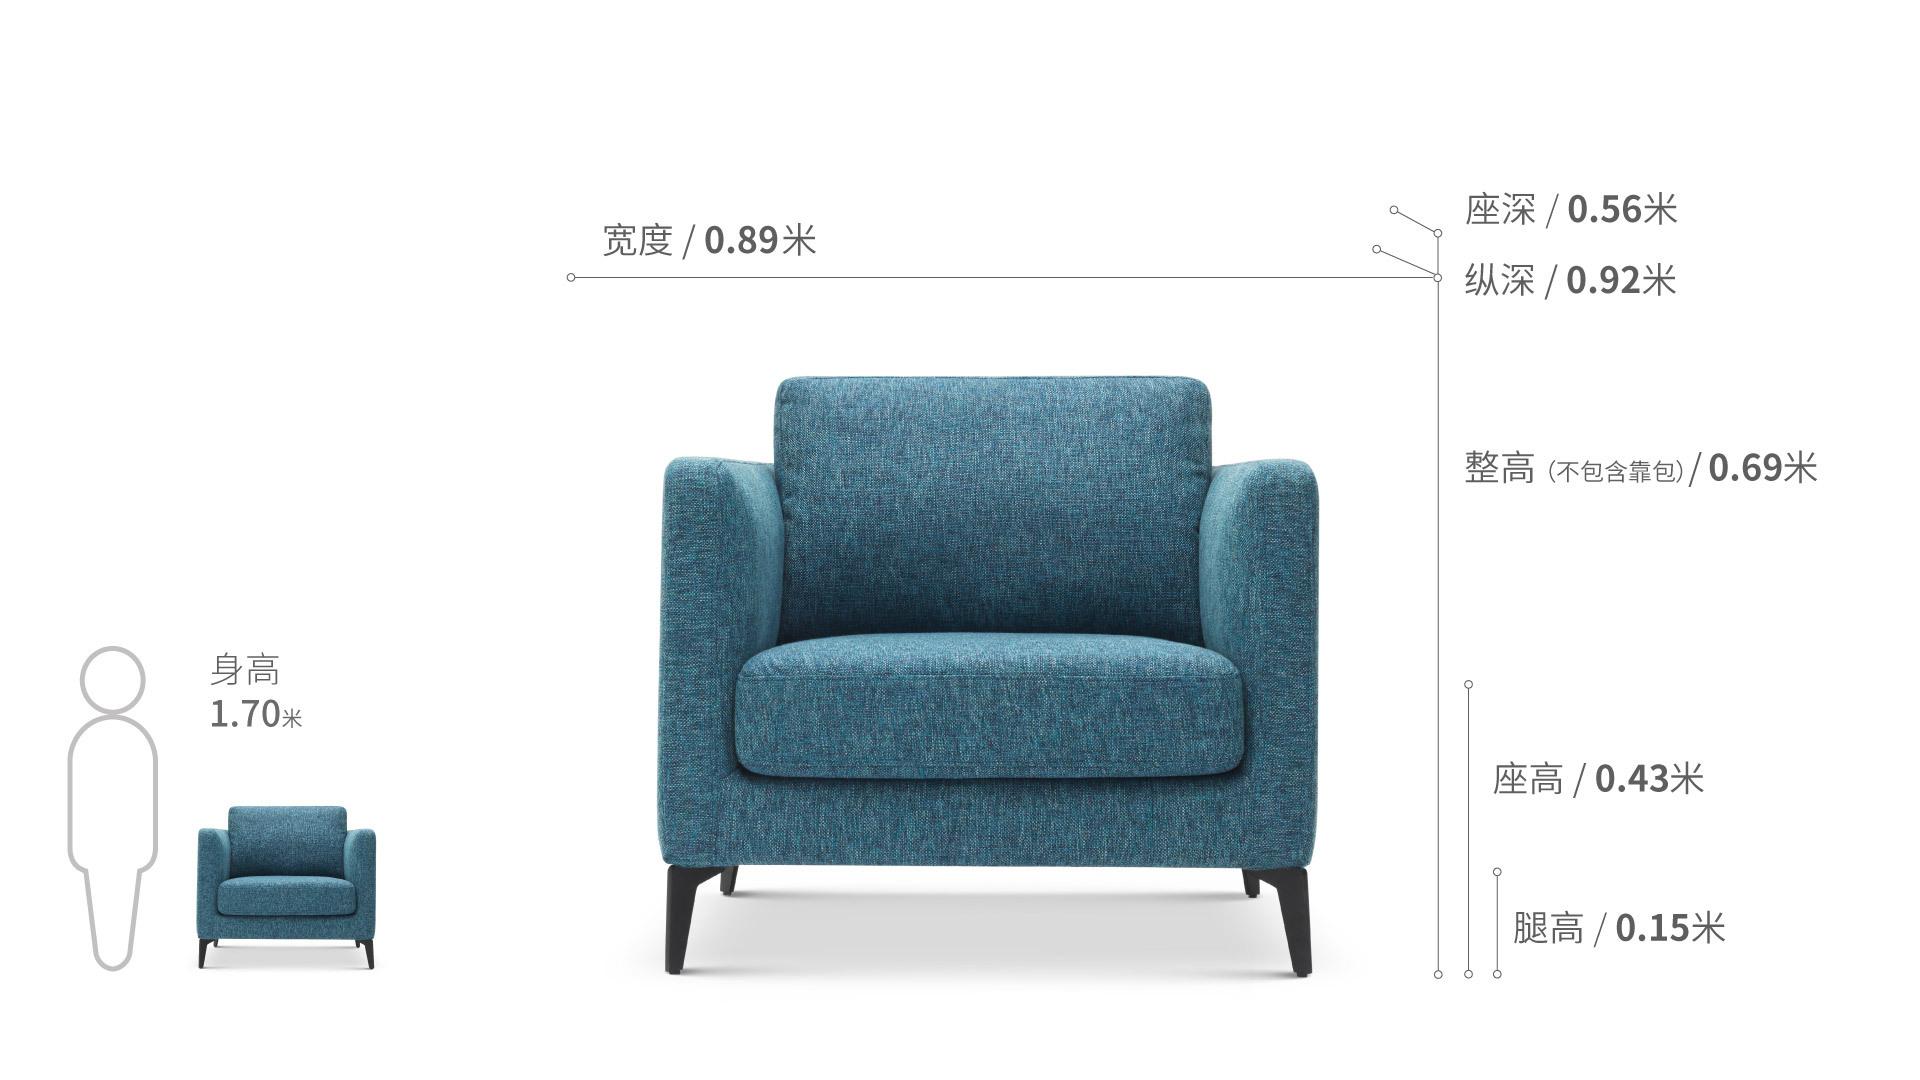 造作星期天沙发™单人座沙发效果图